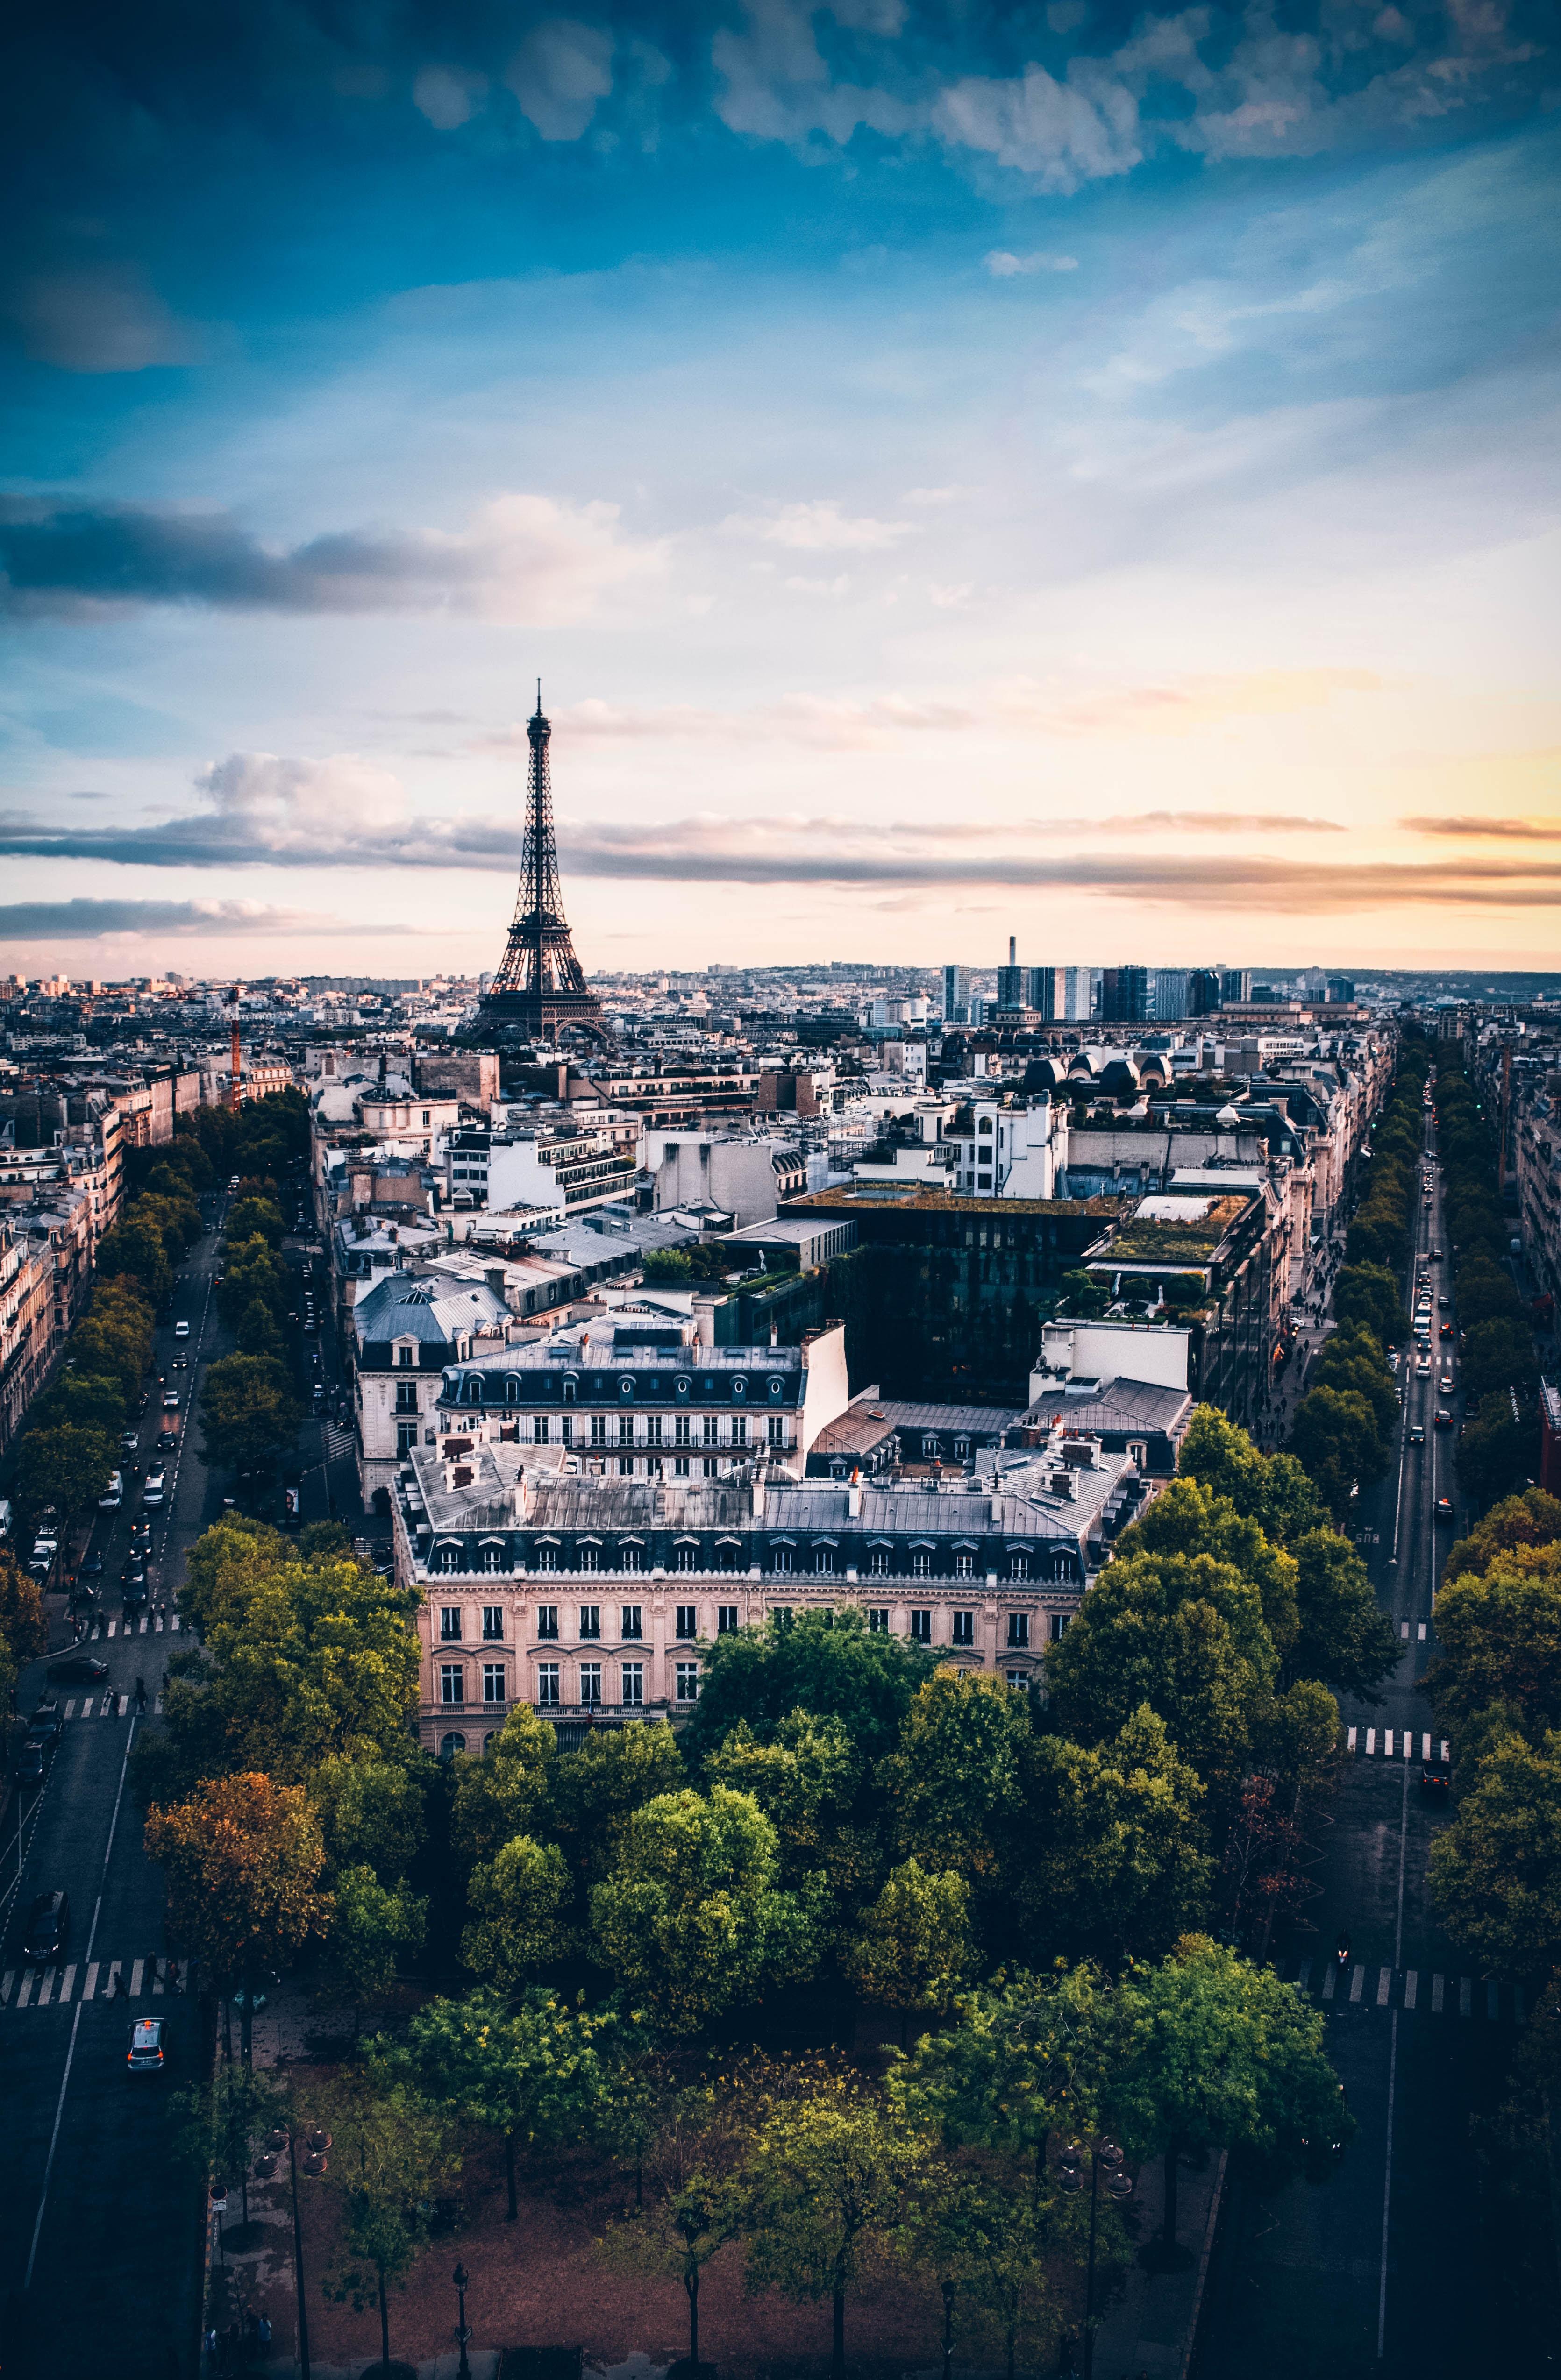 85224壁紙のダウンロード市, 都市, 建物, 軒, パリ, フランス, アーキテクチャ-スクリーンセーバーと写真を無料で